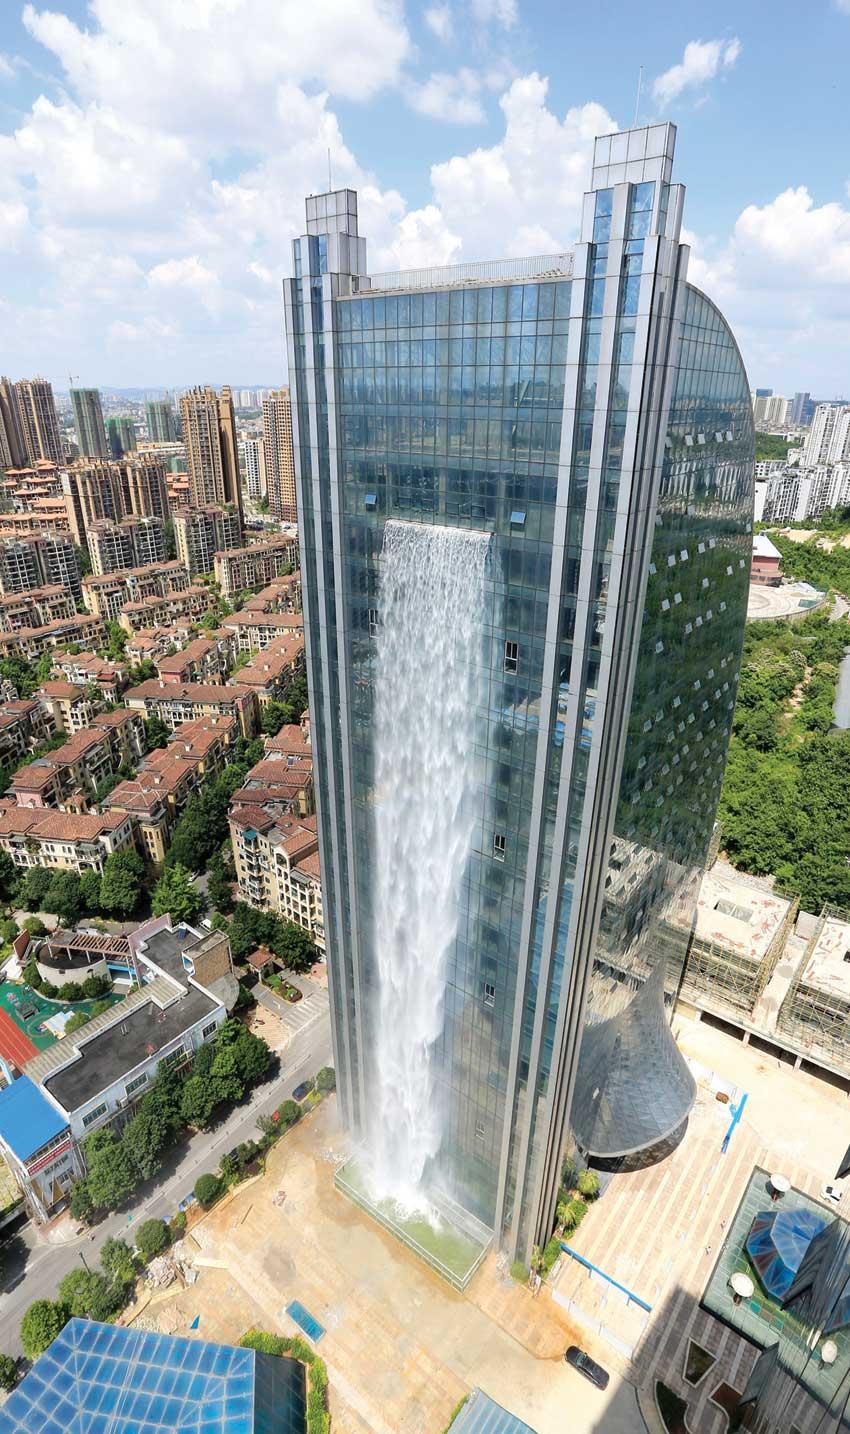 في الصين.. ناطحة سحاب جديدة بشلال يبلغ طوله 108 أمتار